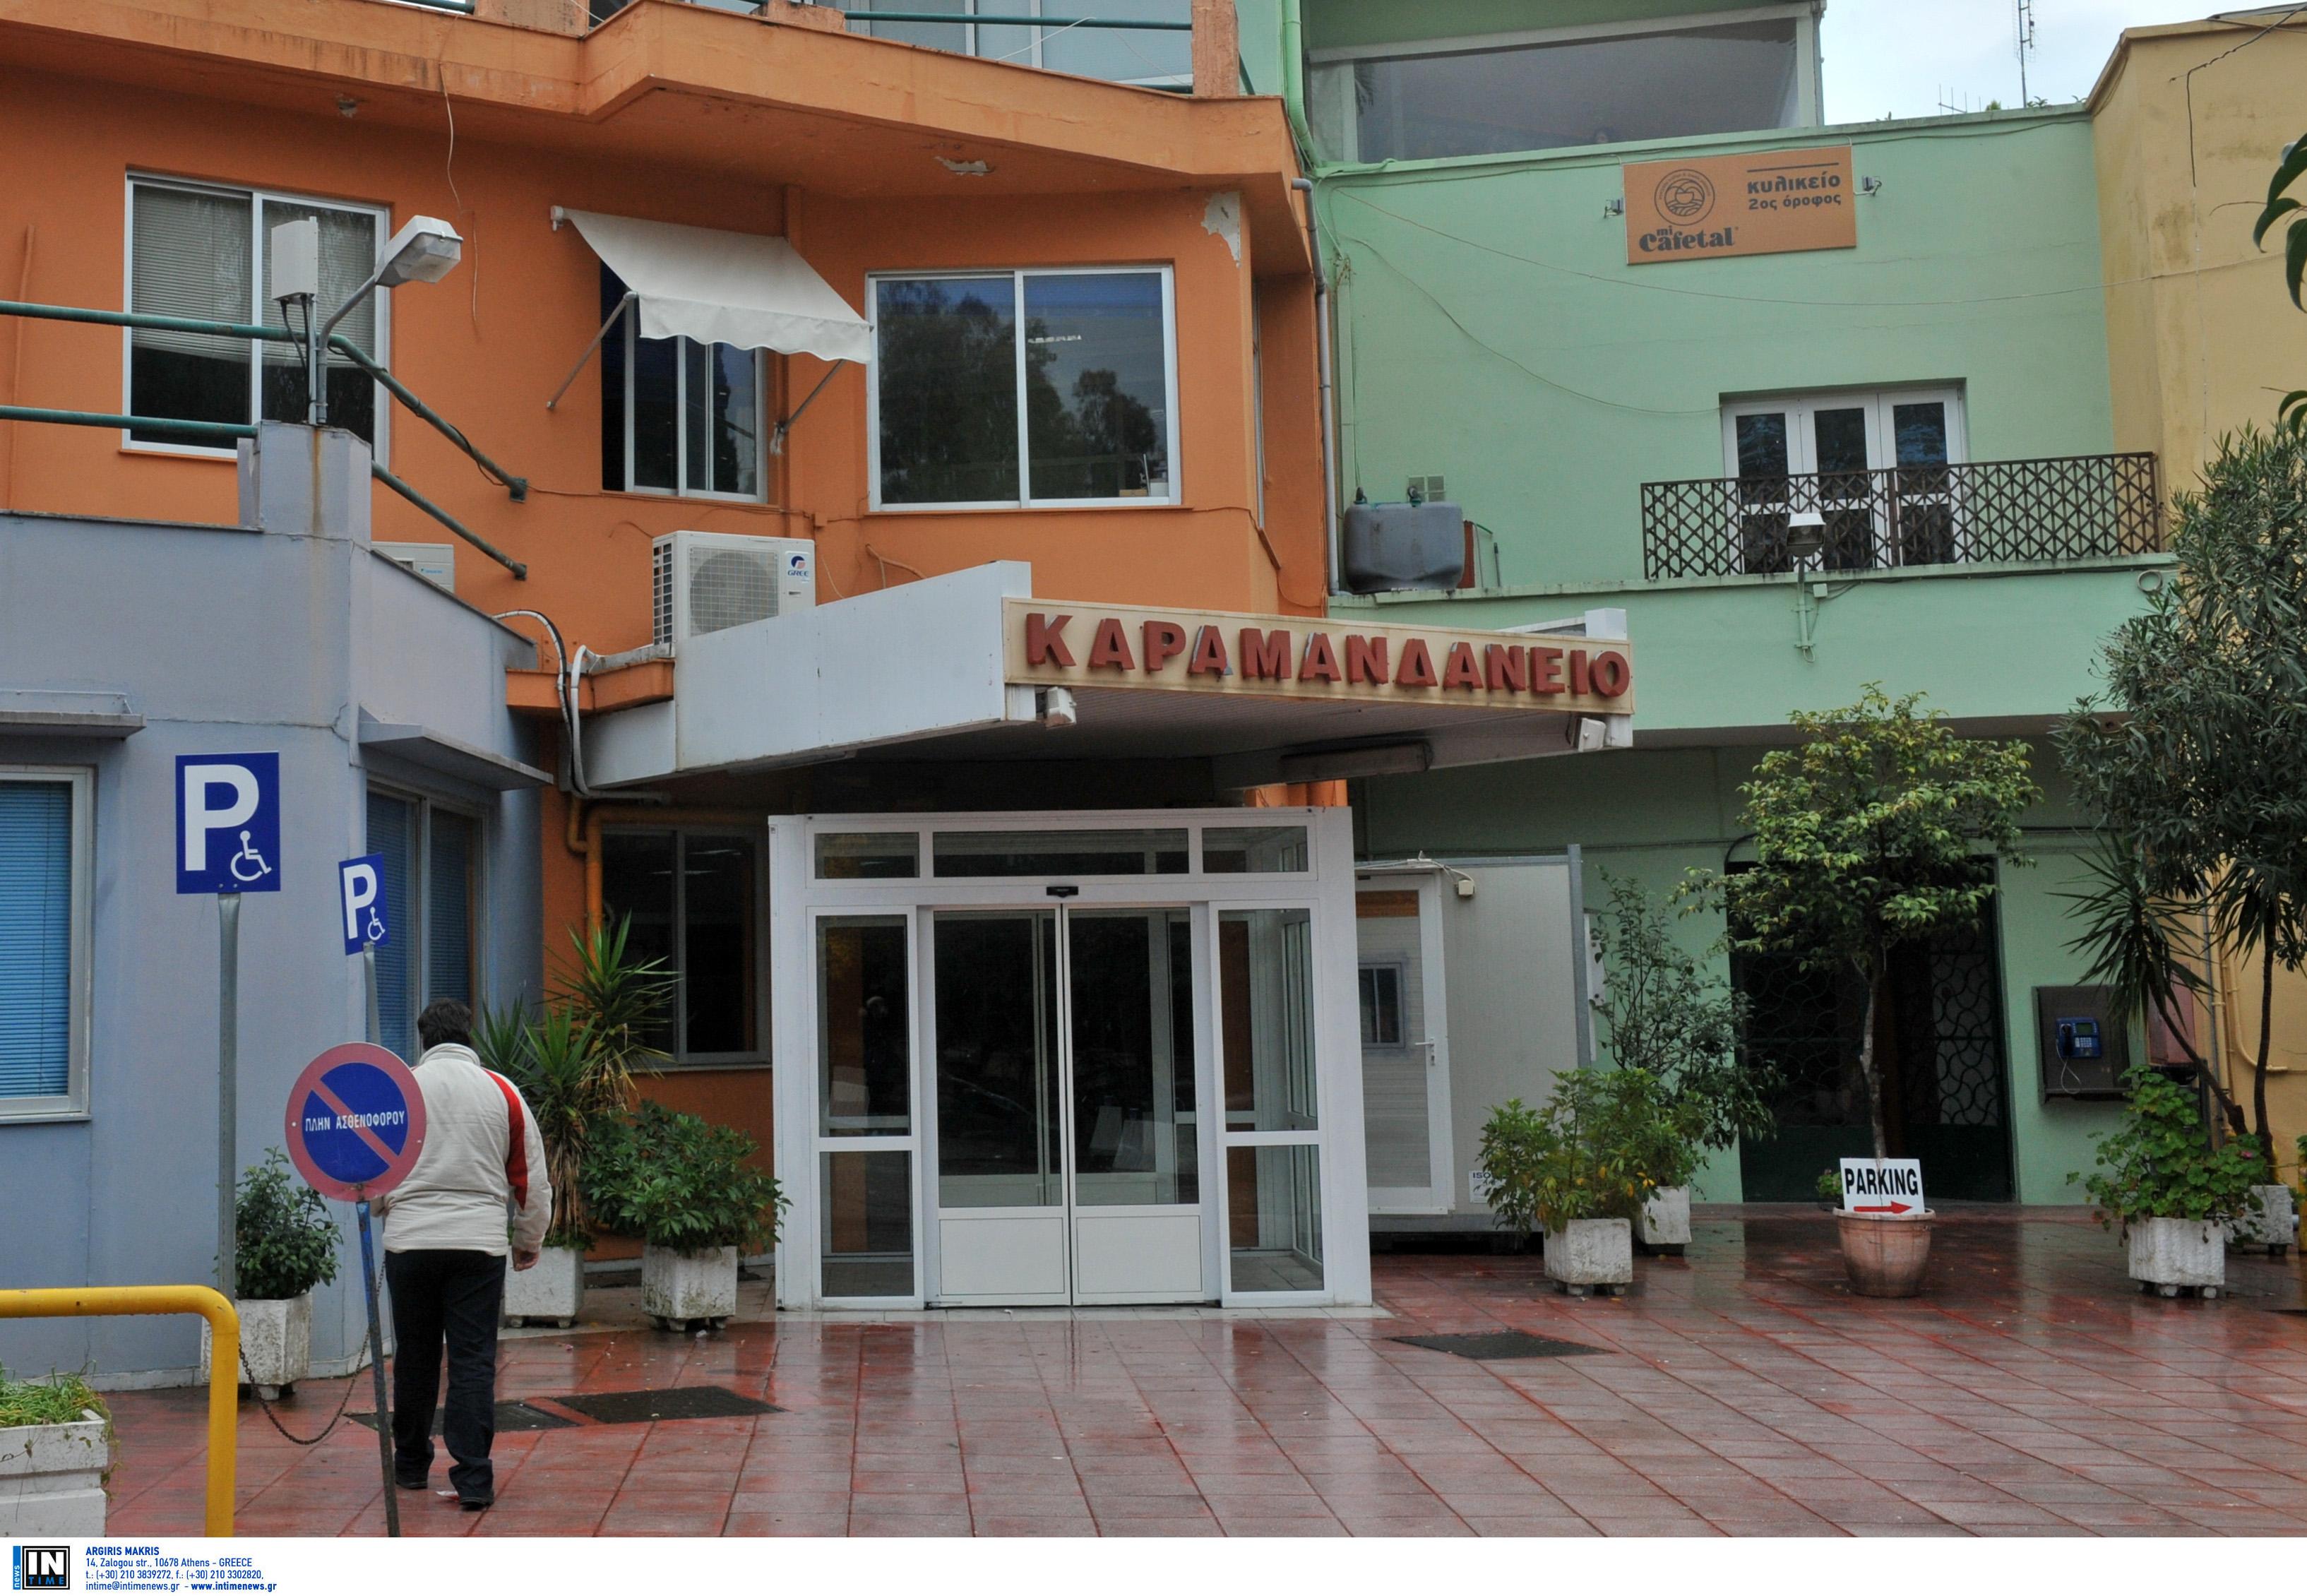 Πάτρα: Στο «Καραμανδάνειο» η πρώτη ψυχιατρική κλινική για παιδιά και εφήβους στη νοτιοδυτική Ελλάδα